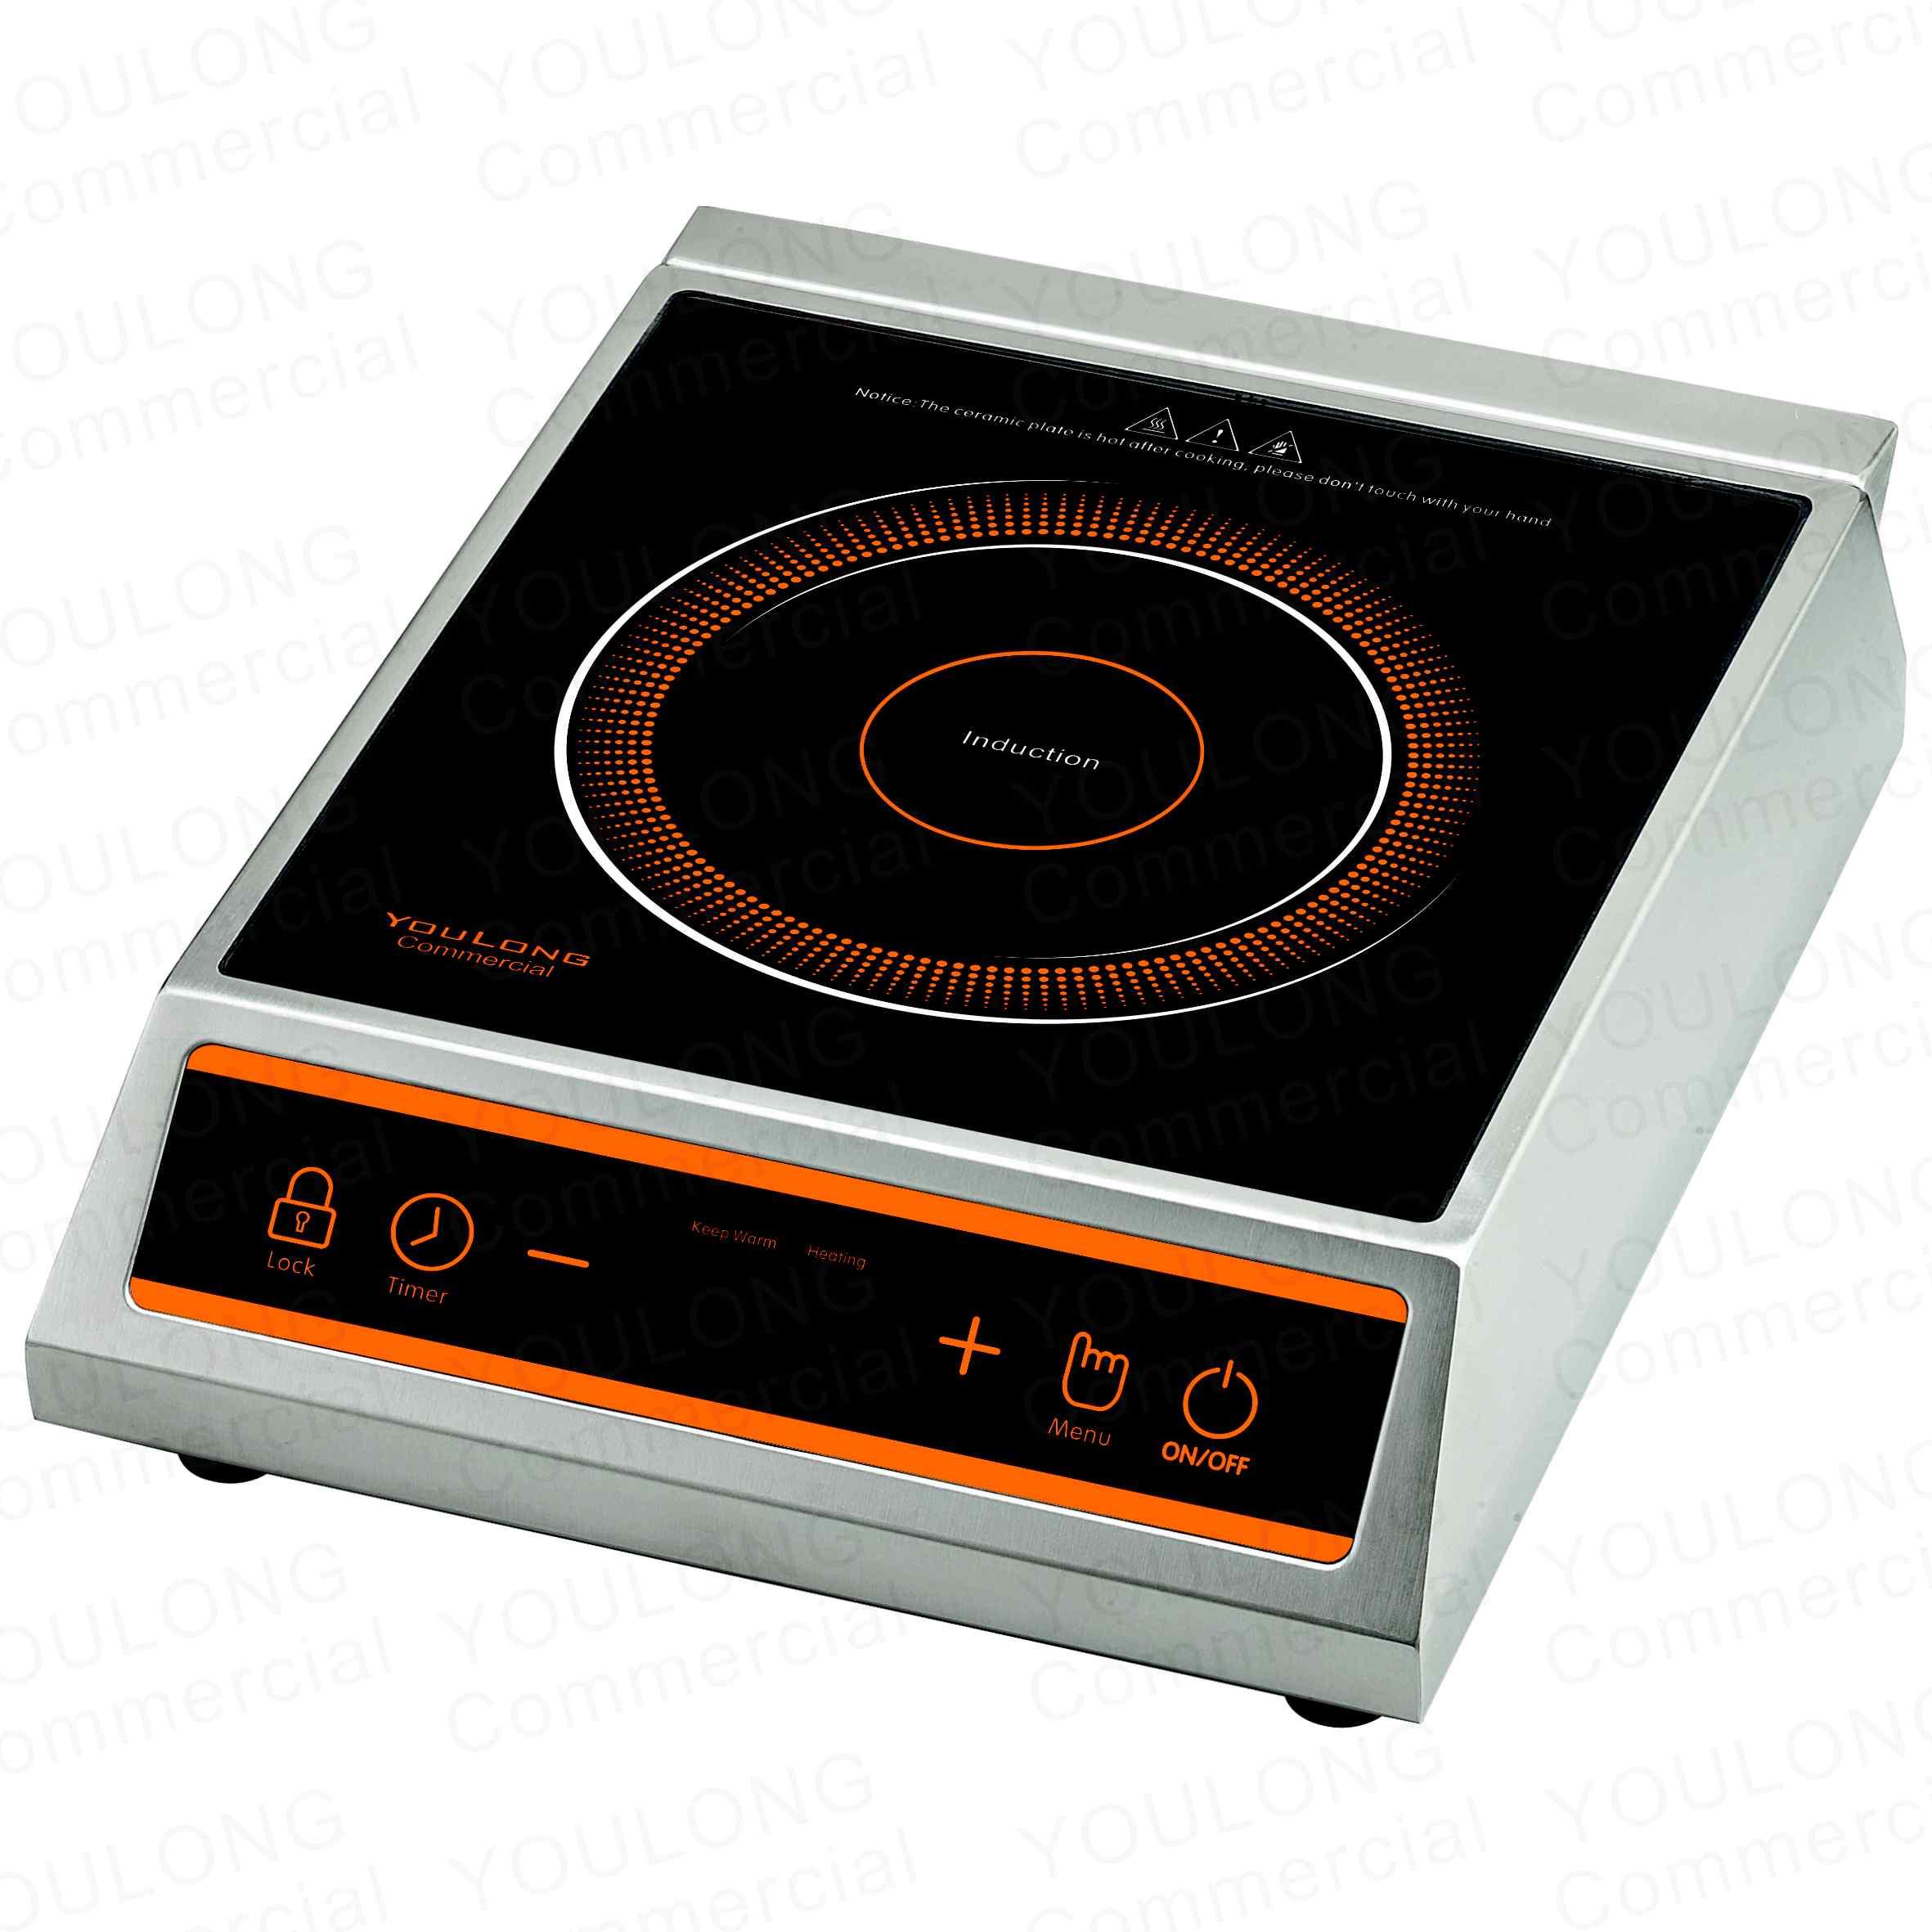 indnuction cooker(1 burner)C2602-B Press Control